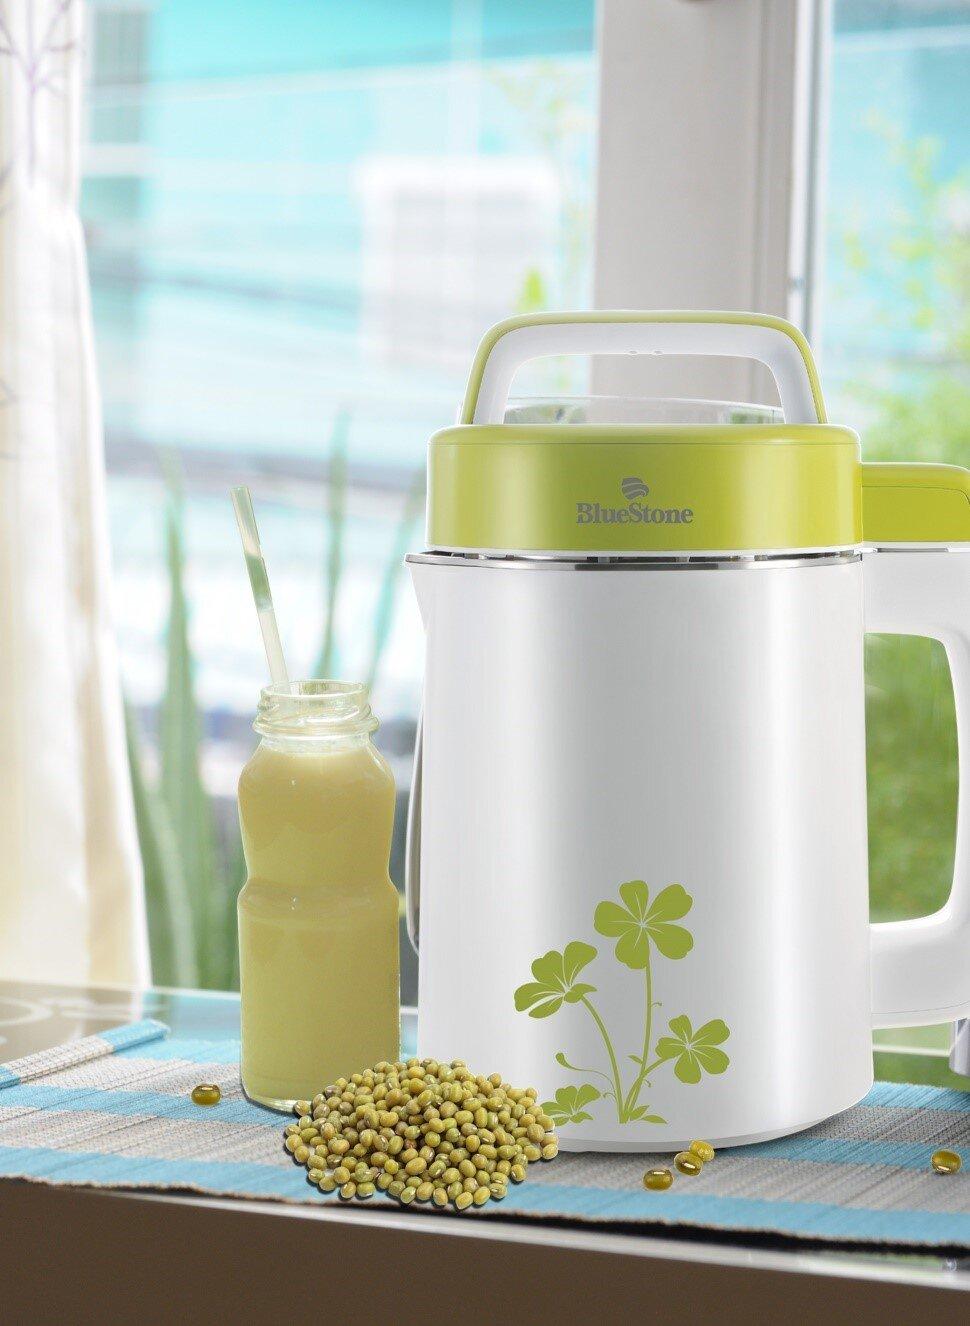 Máy làm sữa đậu nành BlueStone được nhiều người dùng yêu thích